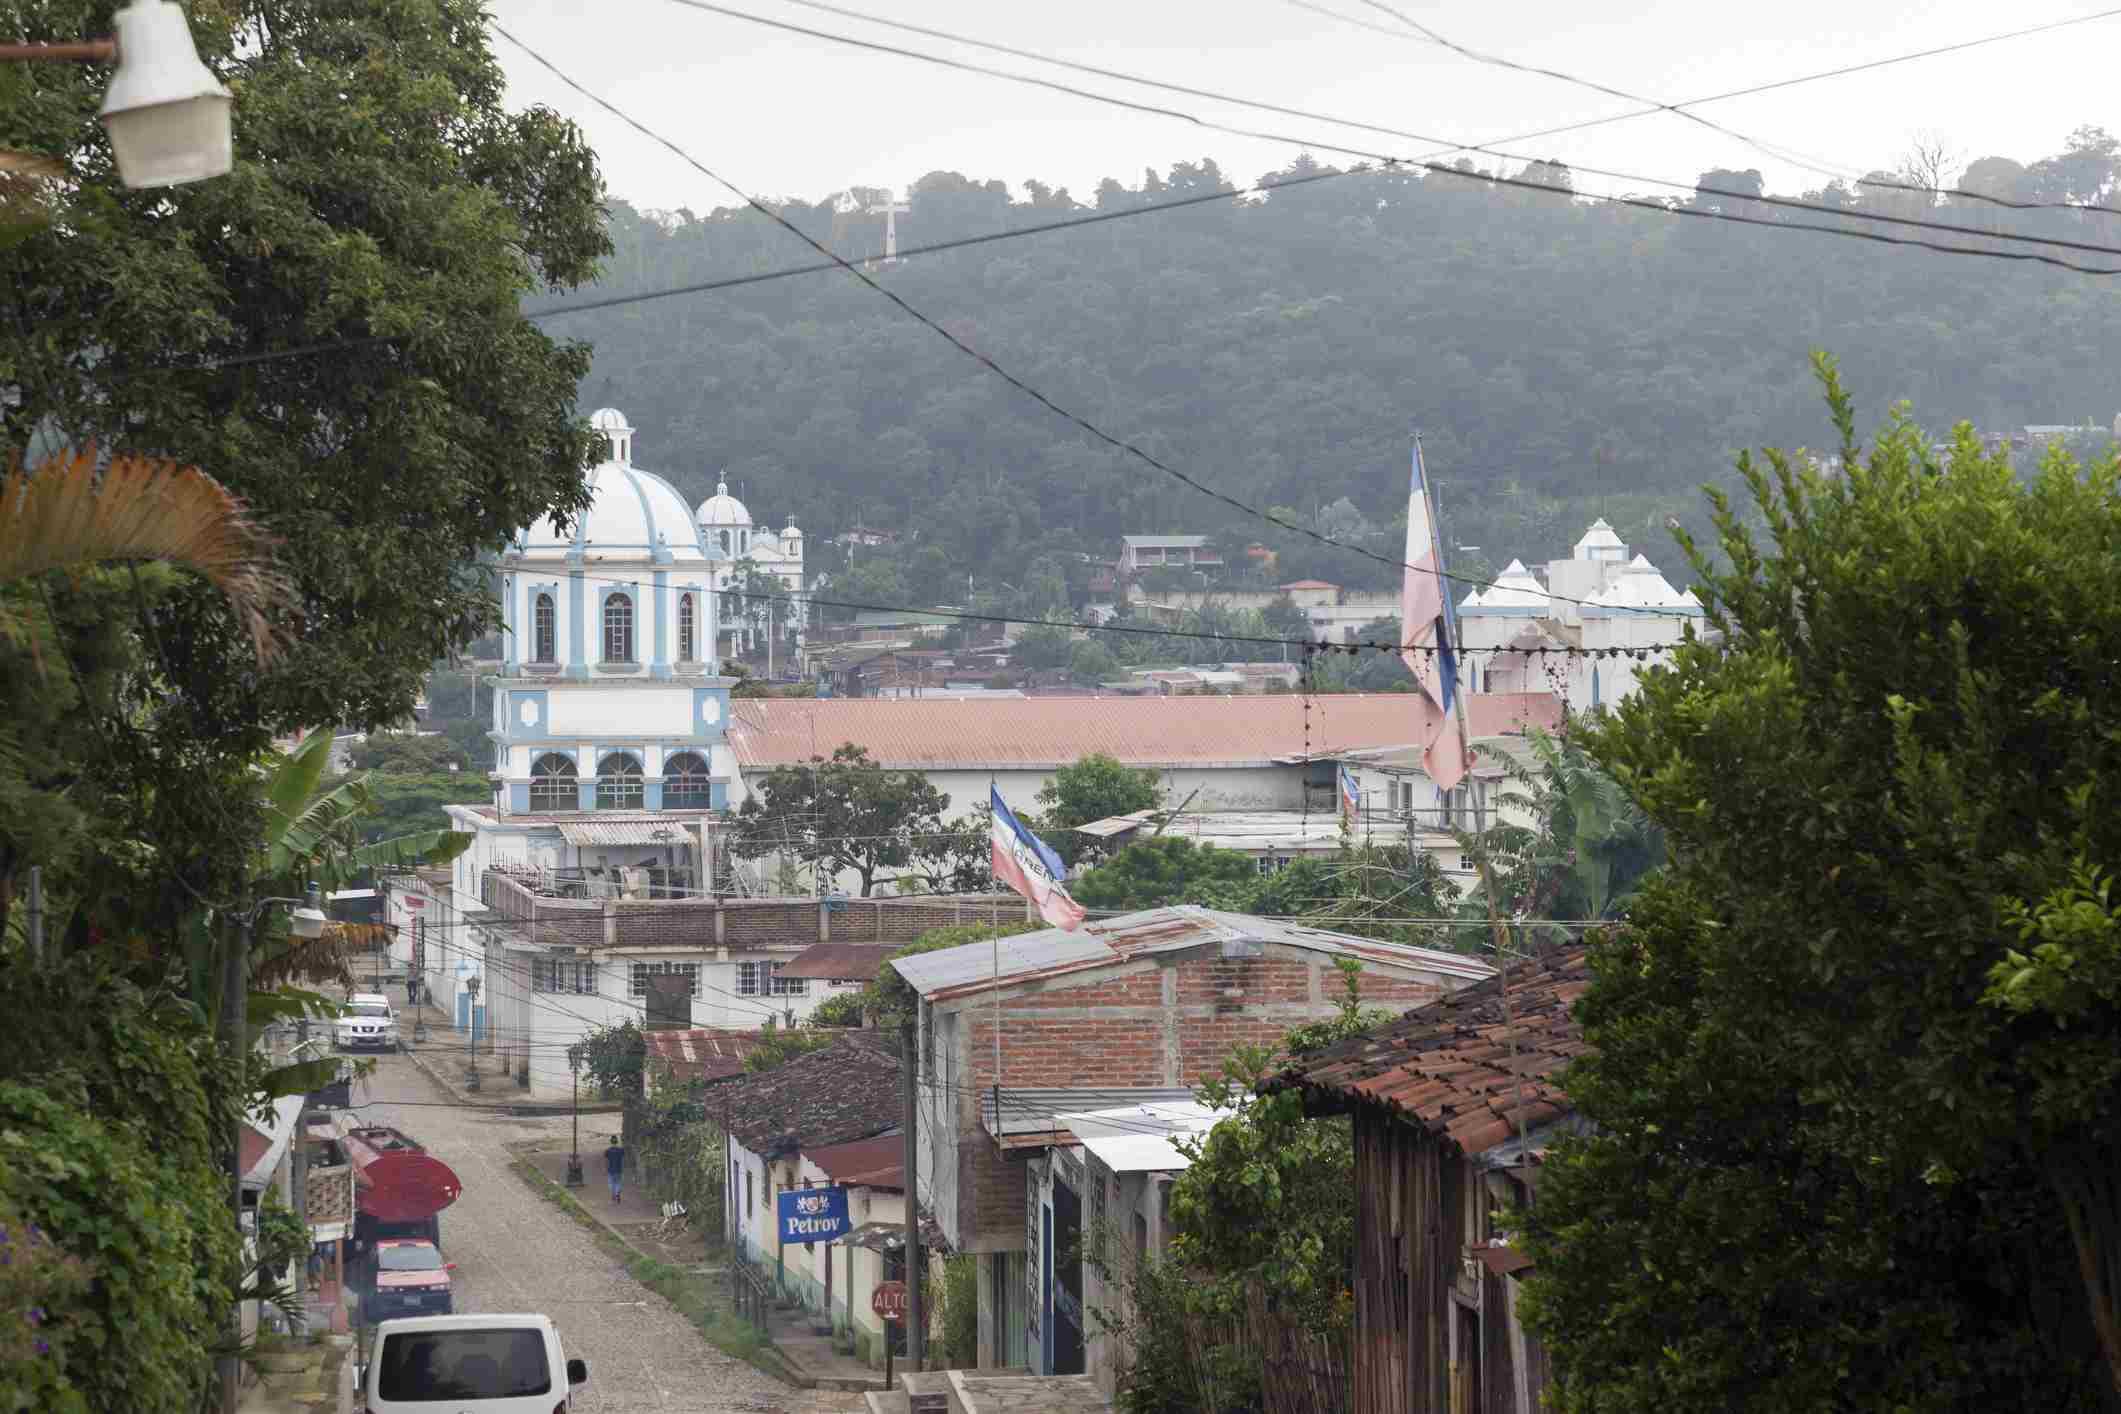 Concepcion de Ataco, El Salvador on a hazy day